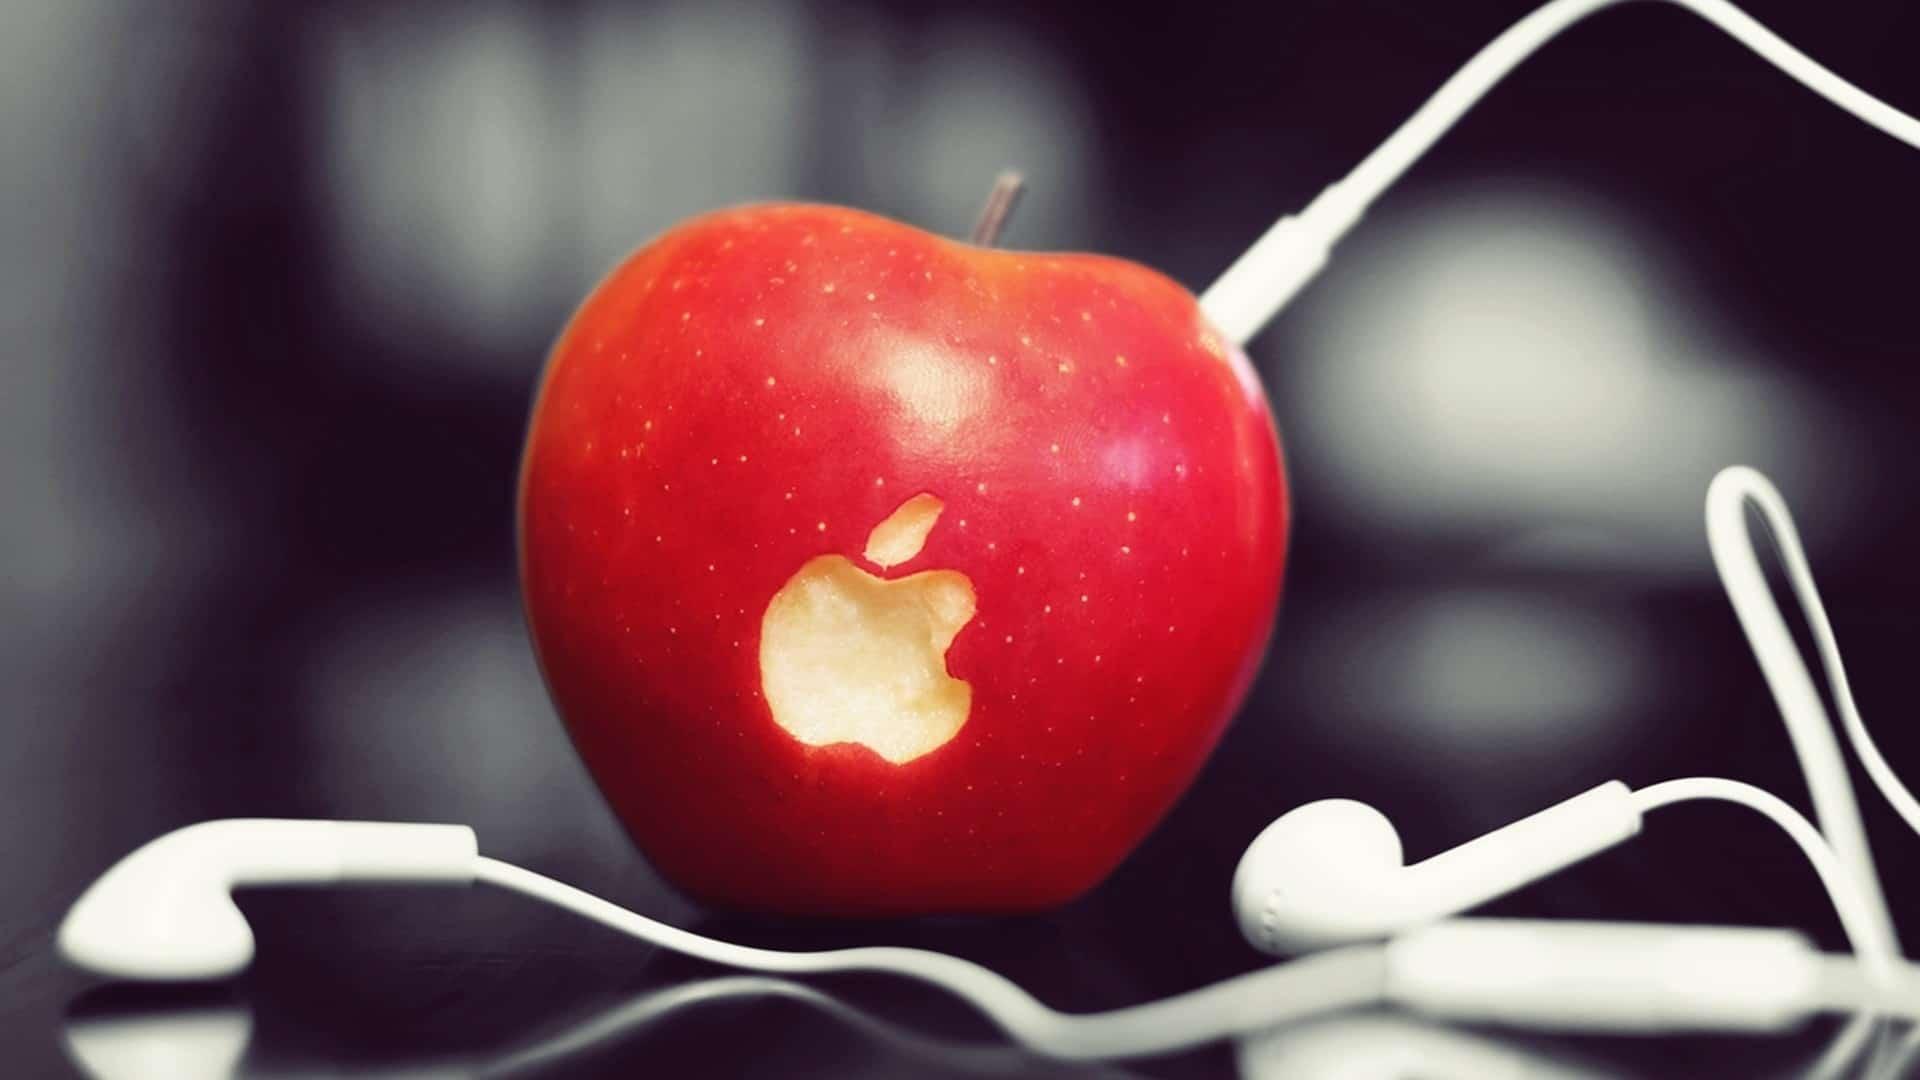 تفسير حلم التفاح في المنام للعزباء موسوعة